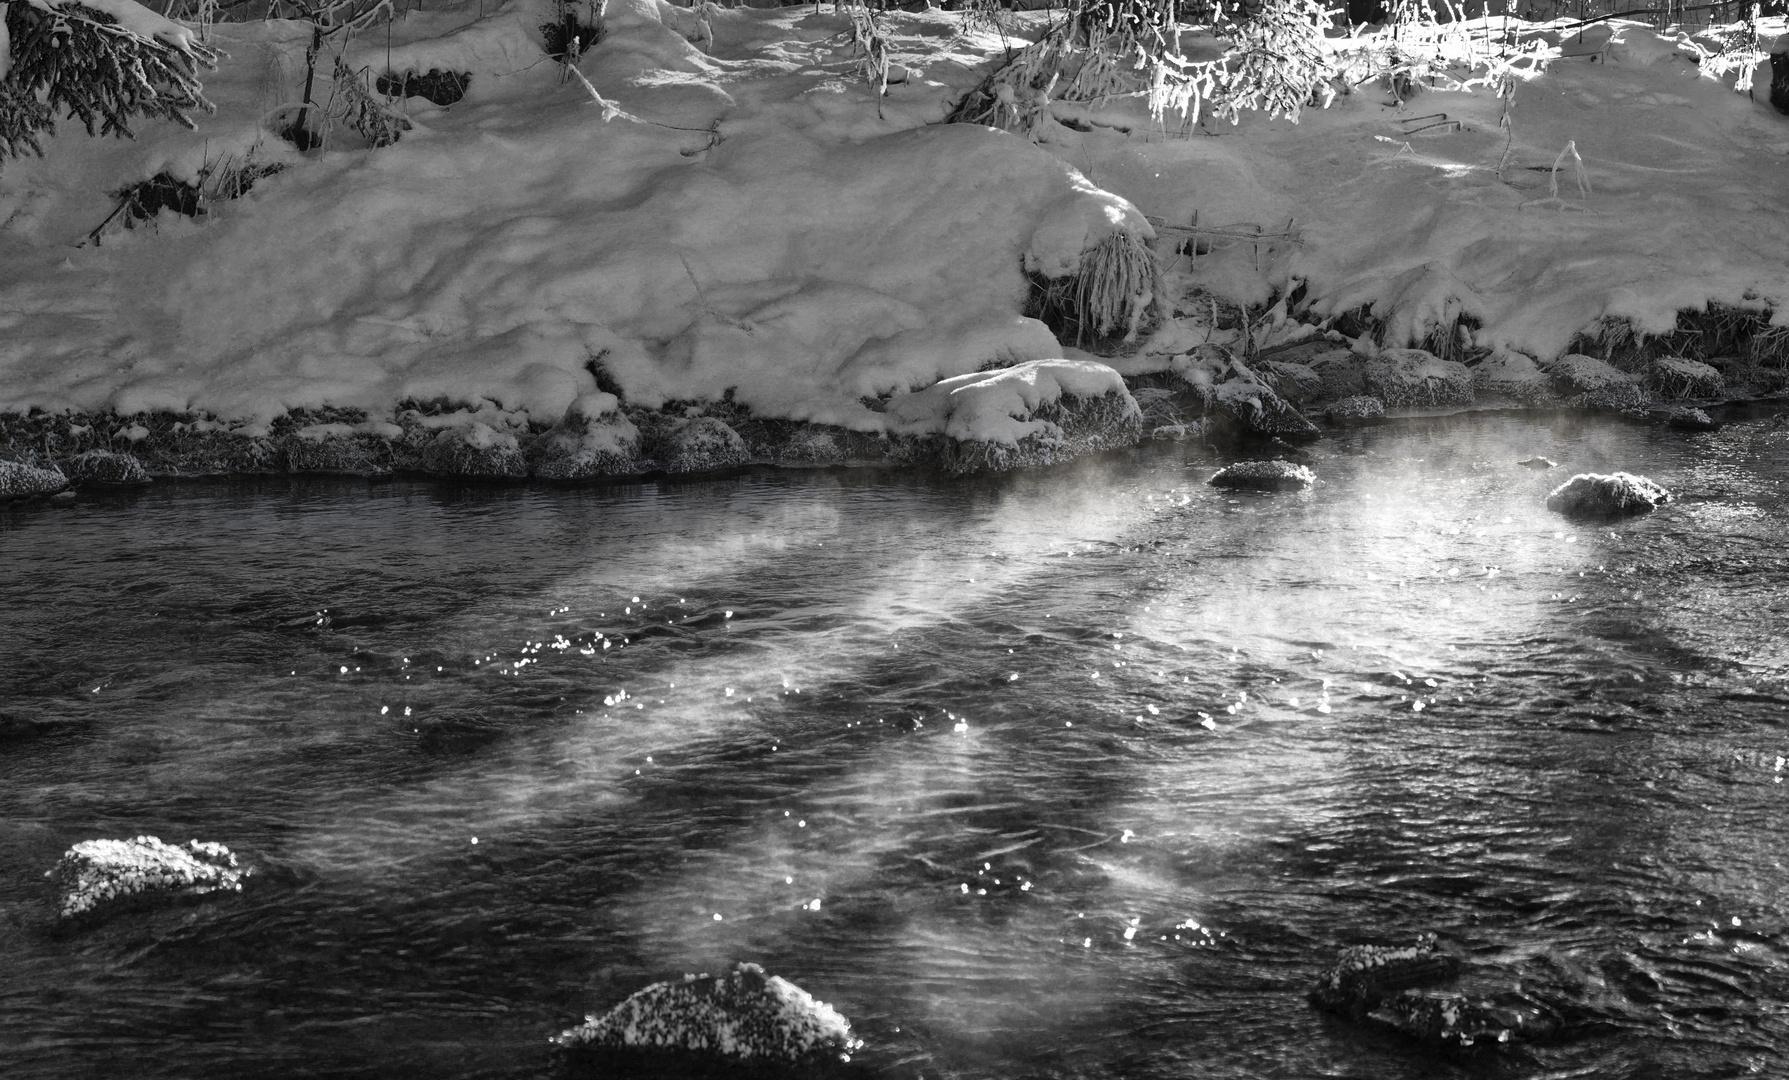 Licht und Nebel an einem verschneiten Fluß